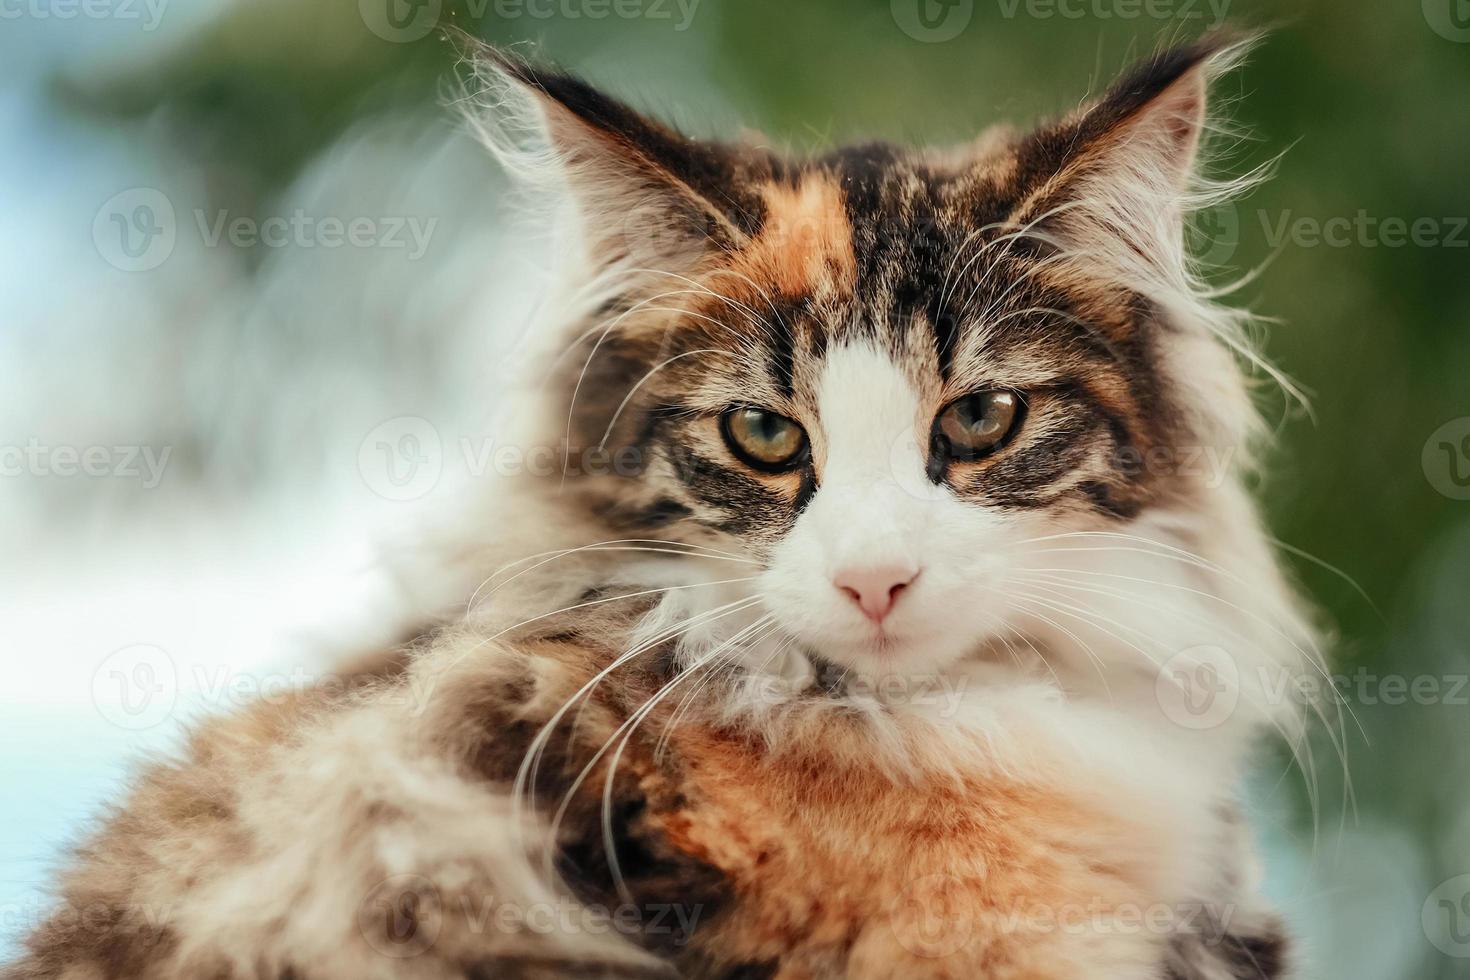 primer plano de gato doméstico foto